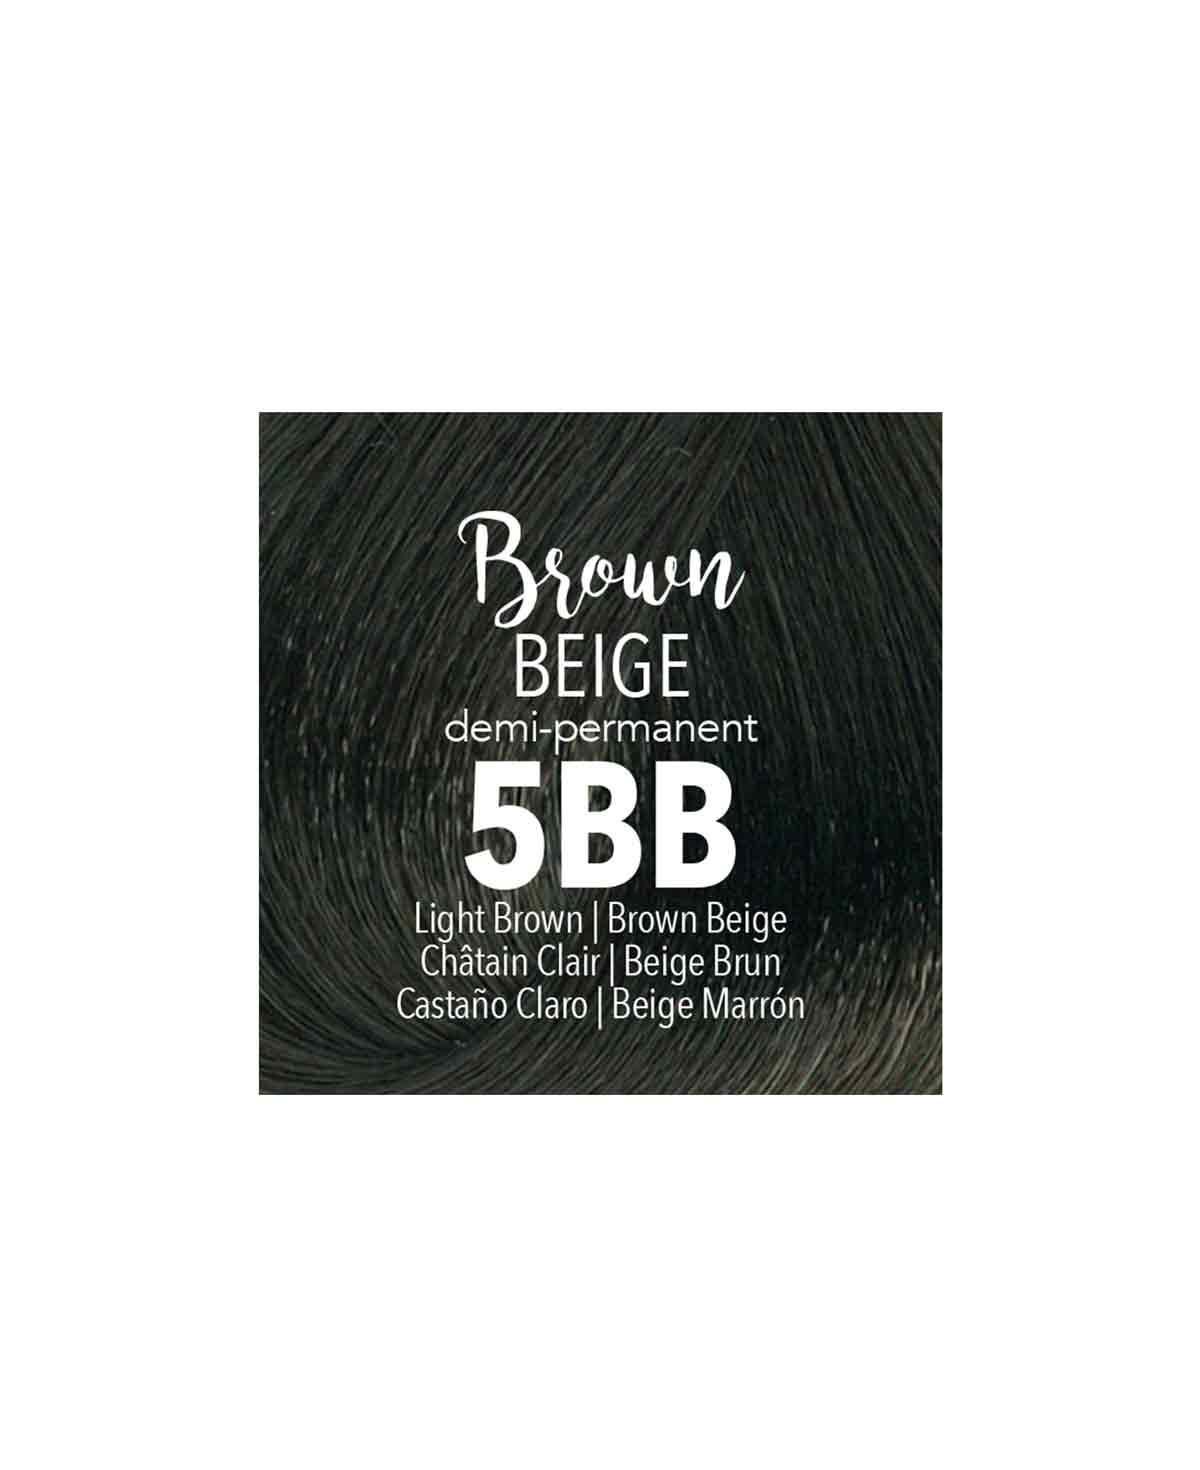 Mydentity - 5BB Light Brown Brown Beige